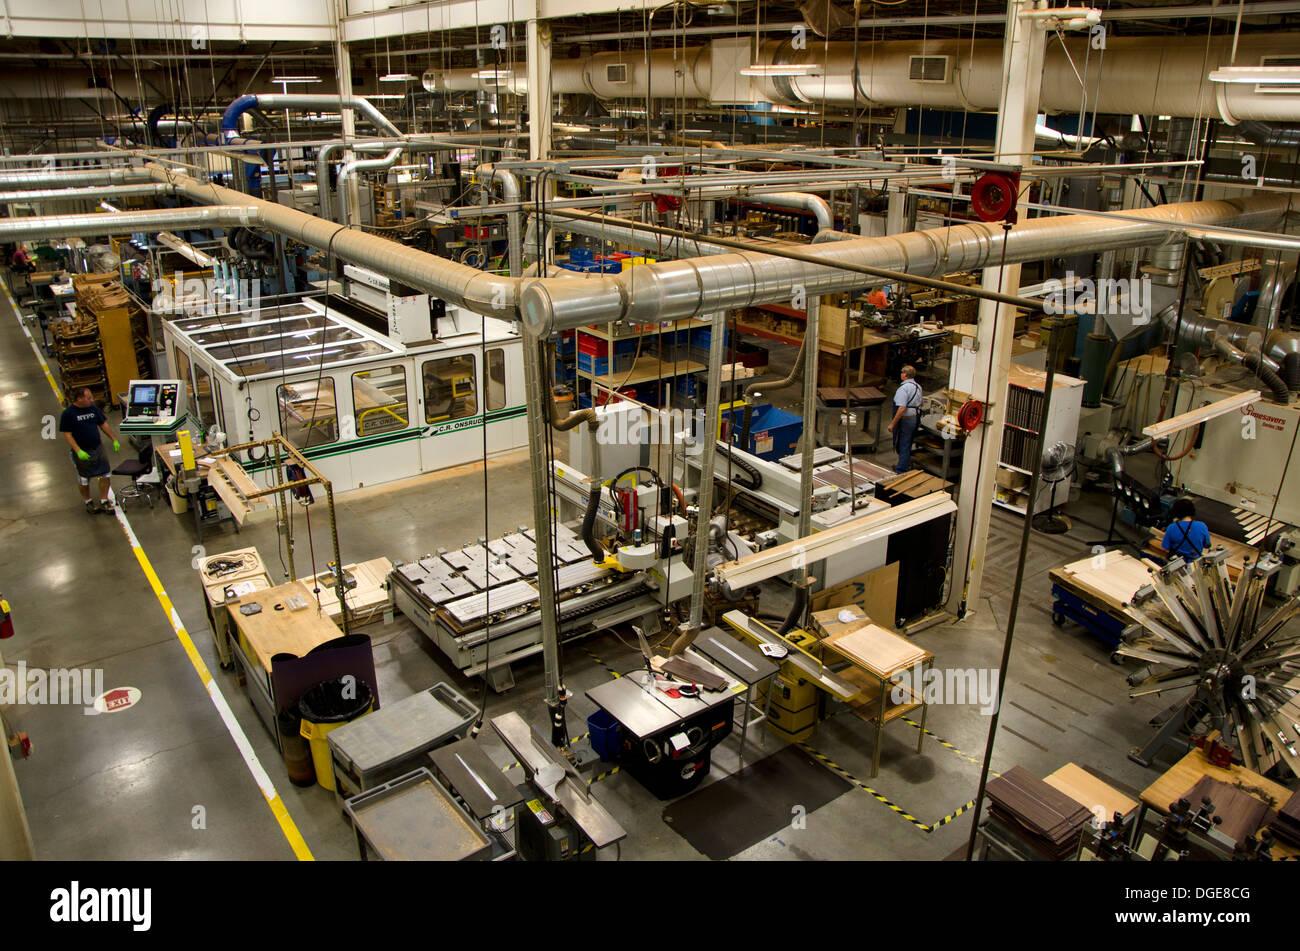 Martin guitar guitars factory in Nazareth, Pennsylvania, USA